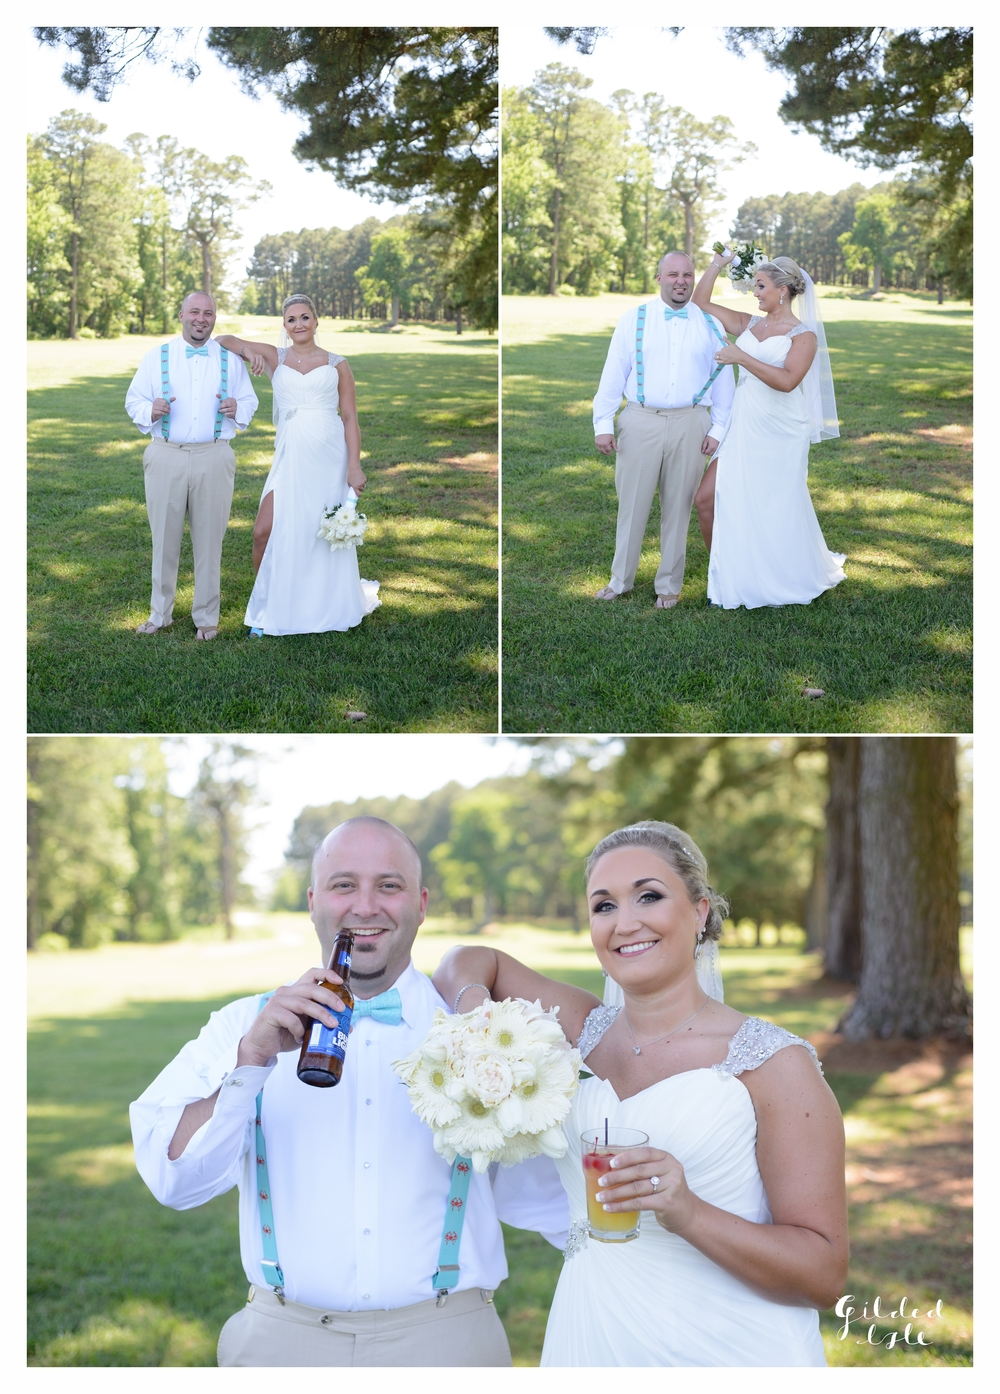 simpson wed blog collage 24.jpg